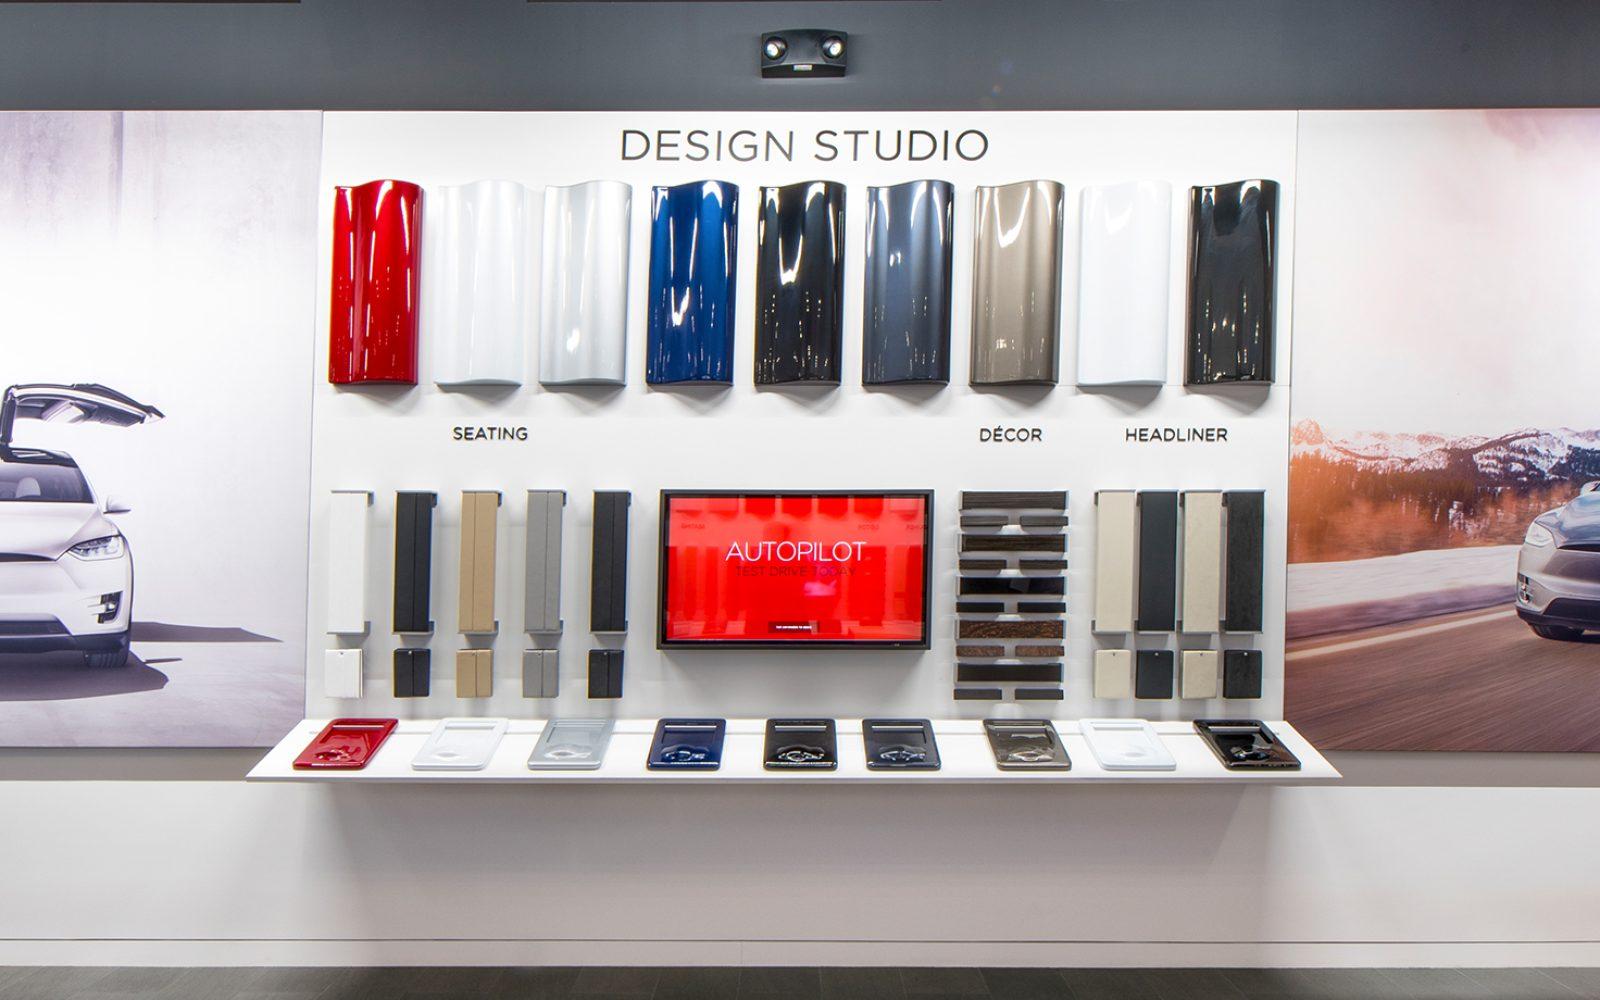 tesla releases new model s 100d with 335 miles of range longest range ev in the world yet. Black Bedroom Furniture Sets. Home Design Ideas